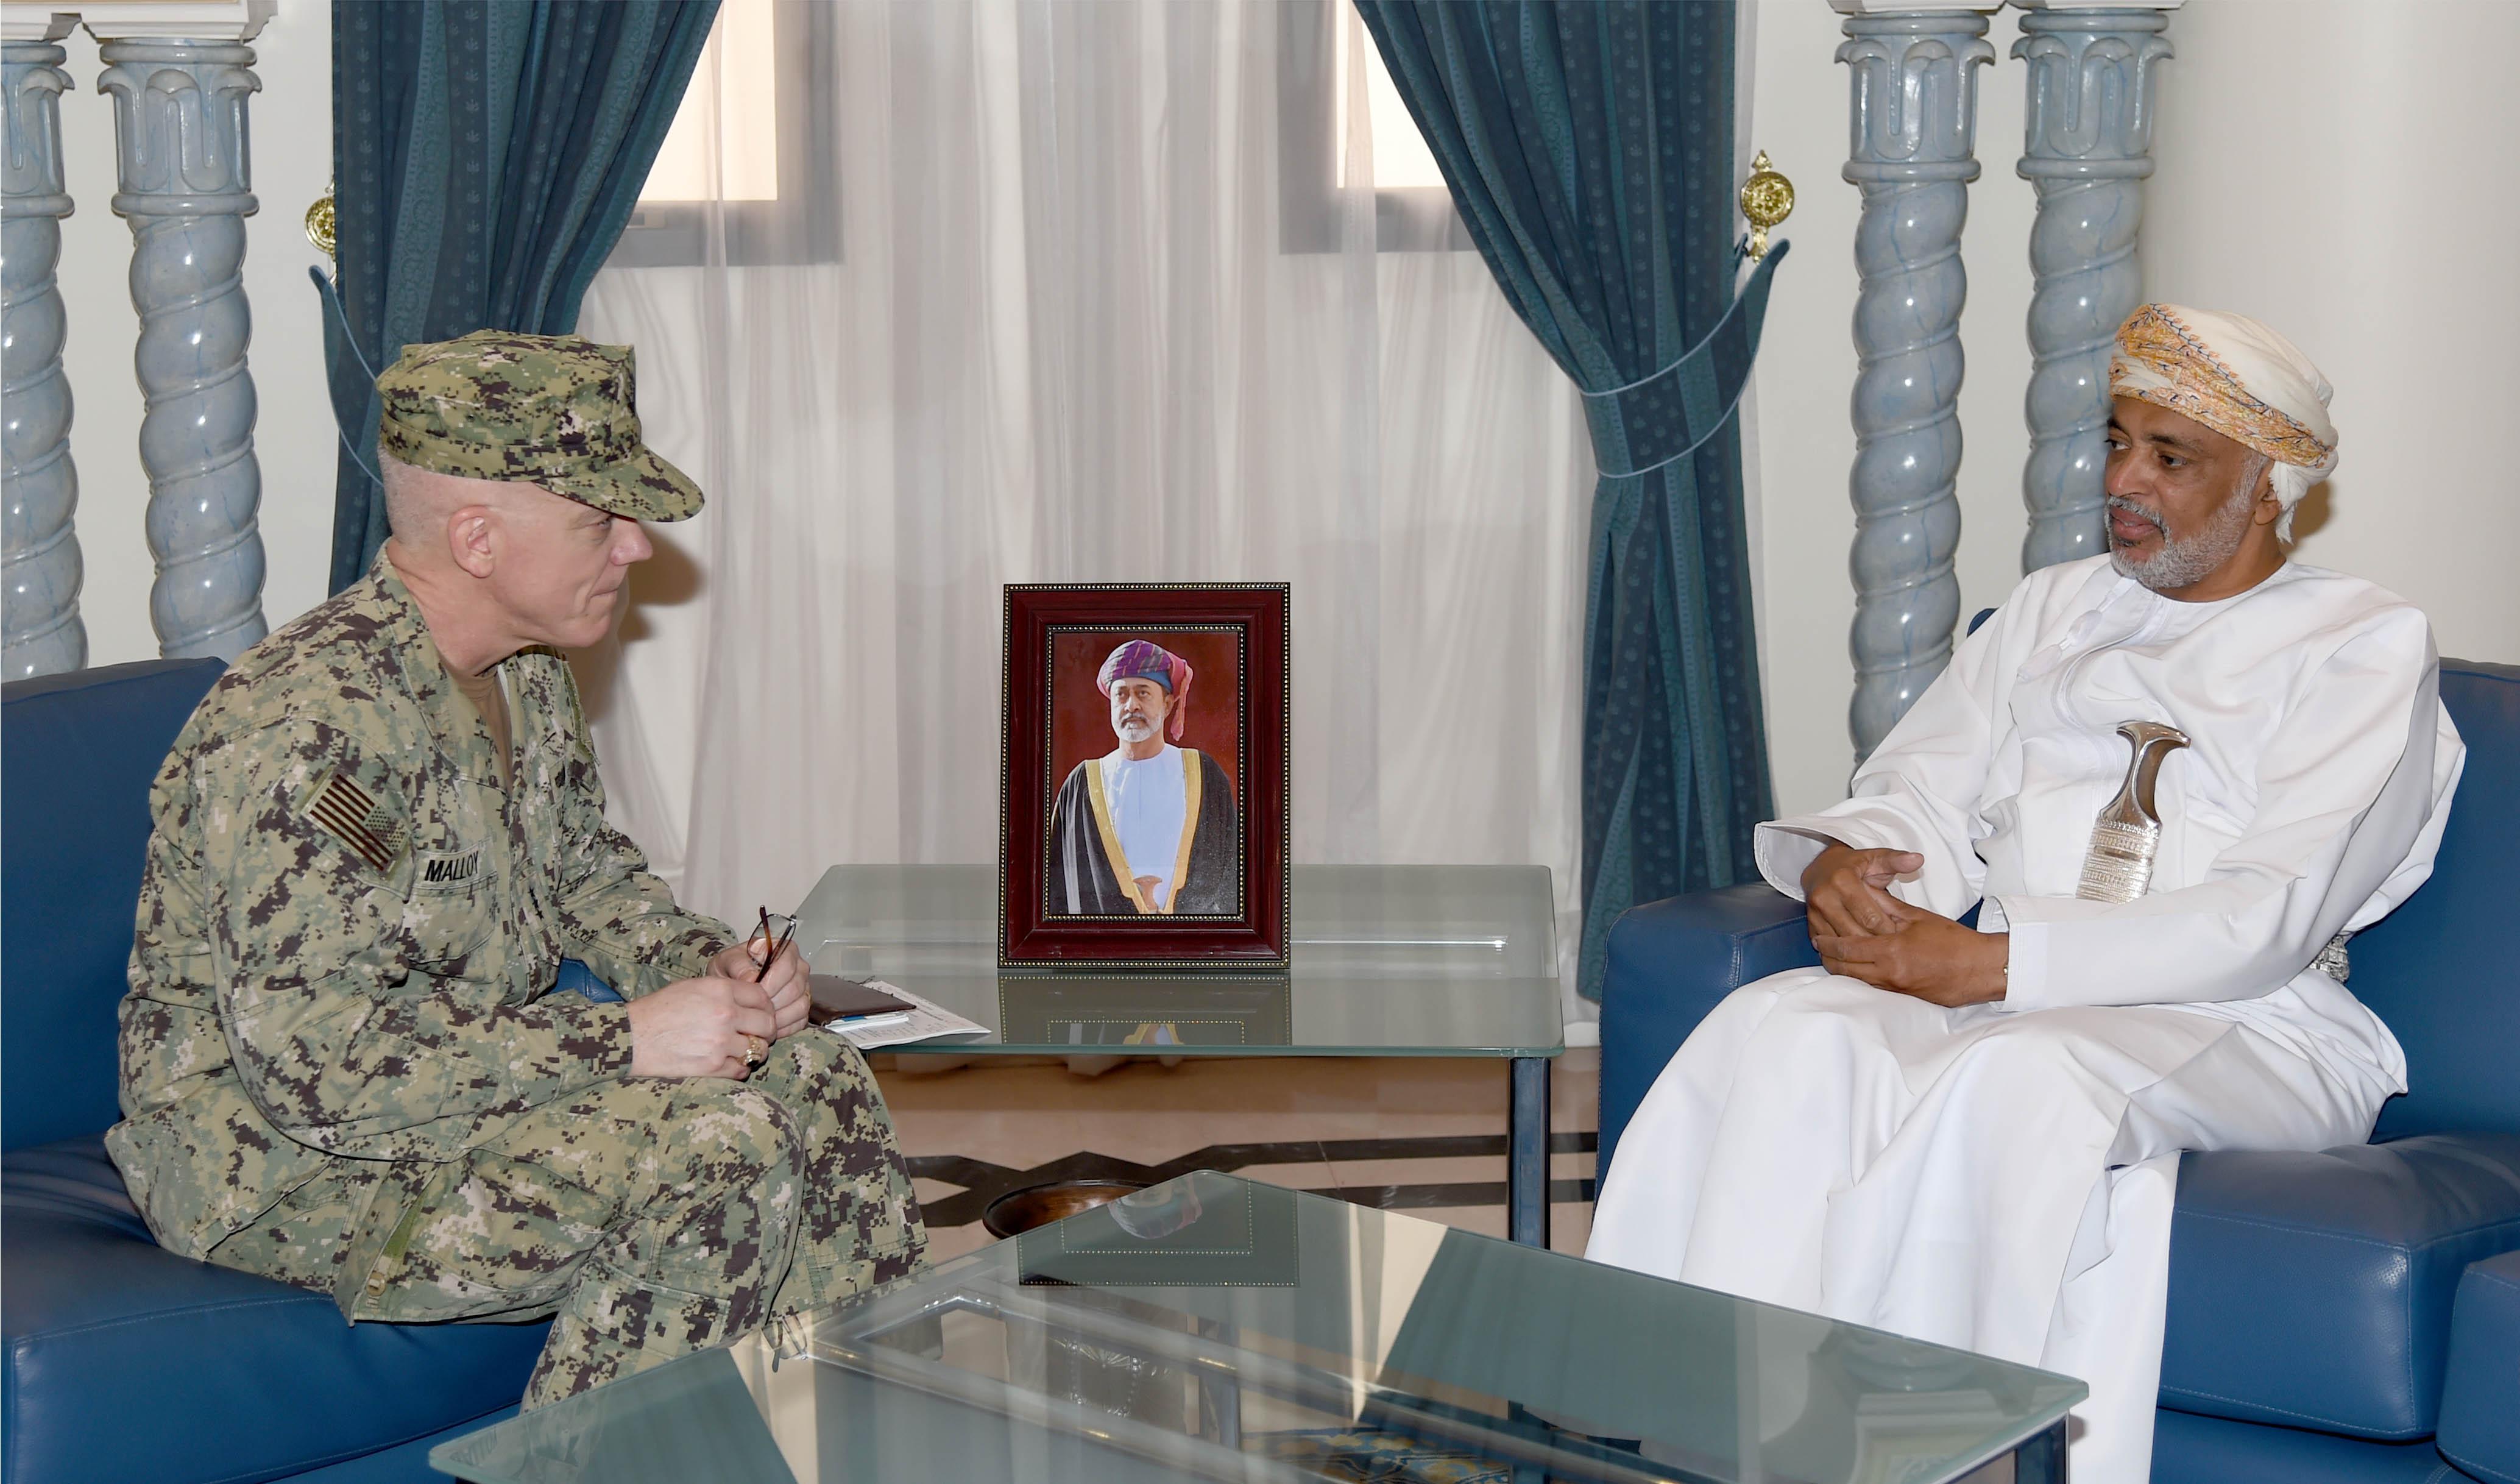 قائد البحرية السلطانية يستقبل قائد القيادة المركزية للقوات البحرية الأمريكية